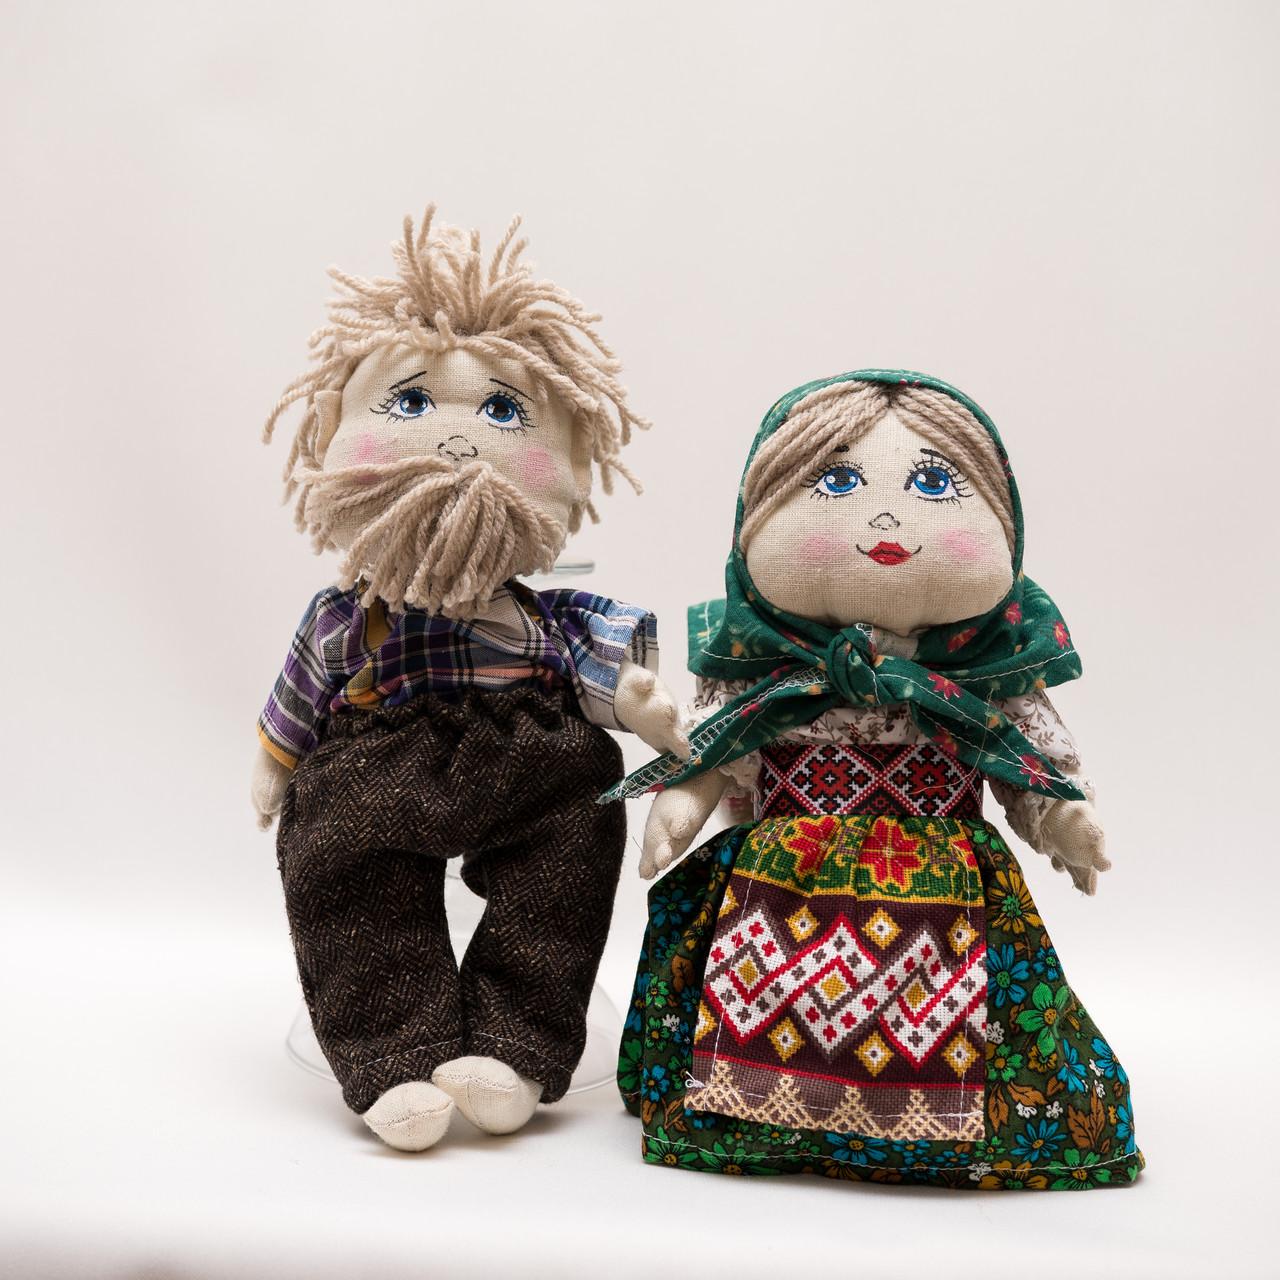 Куклы Vikamade ДЕД и БАБА